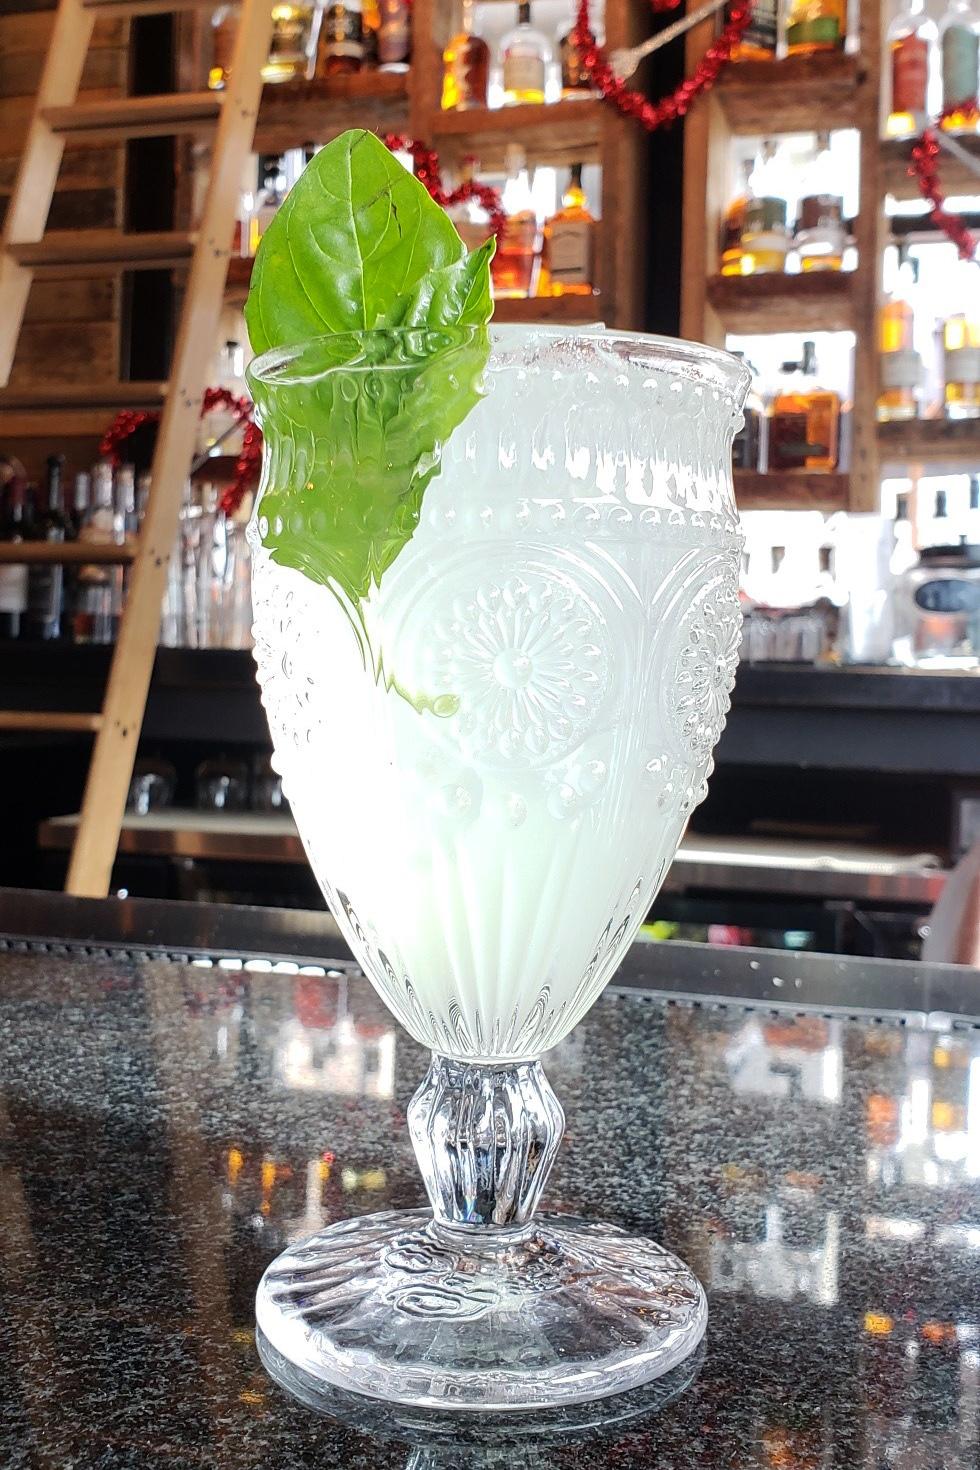 HOBNOB Lemon Basil Margarita from Sean Yeremyan 2 14 2019.jpg